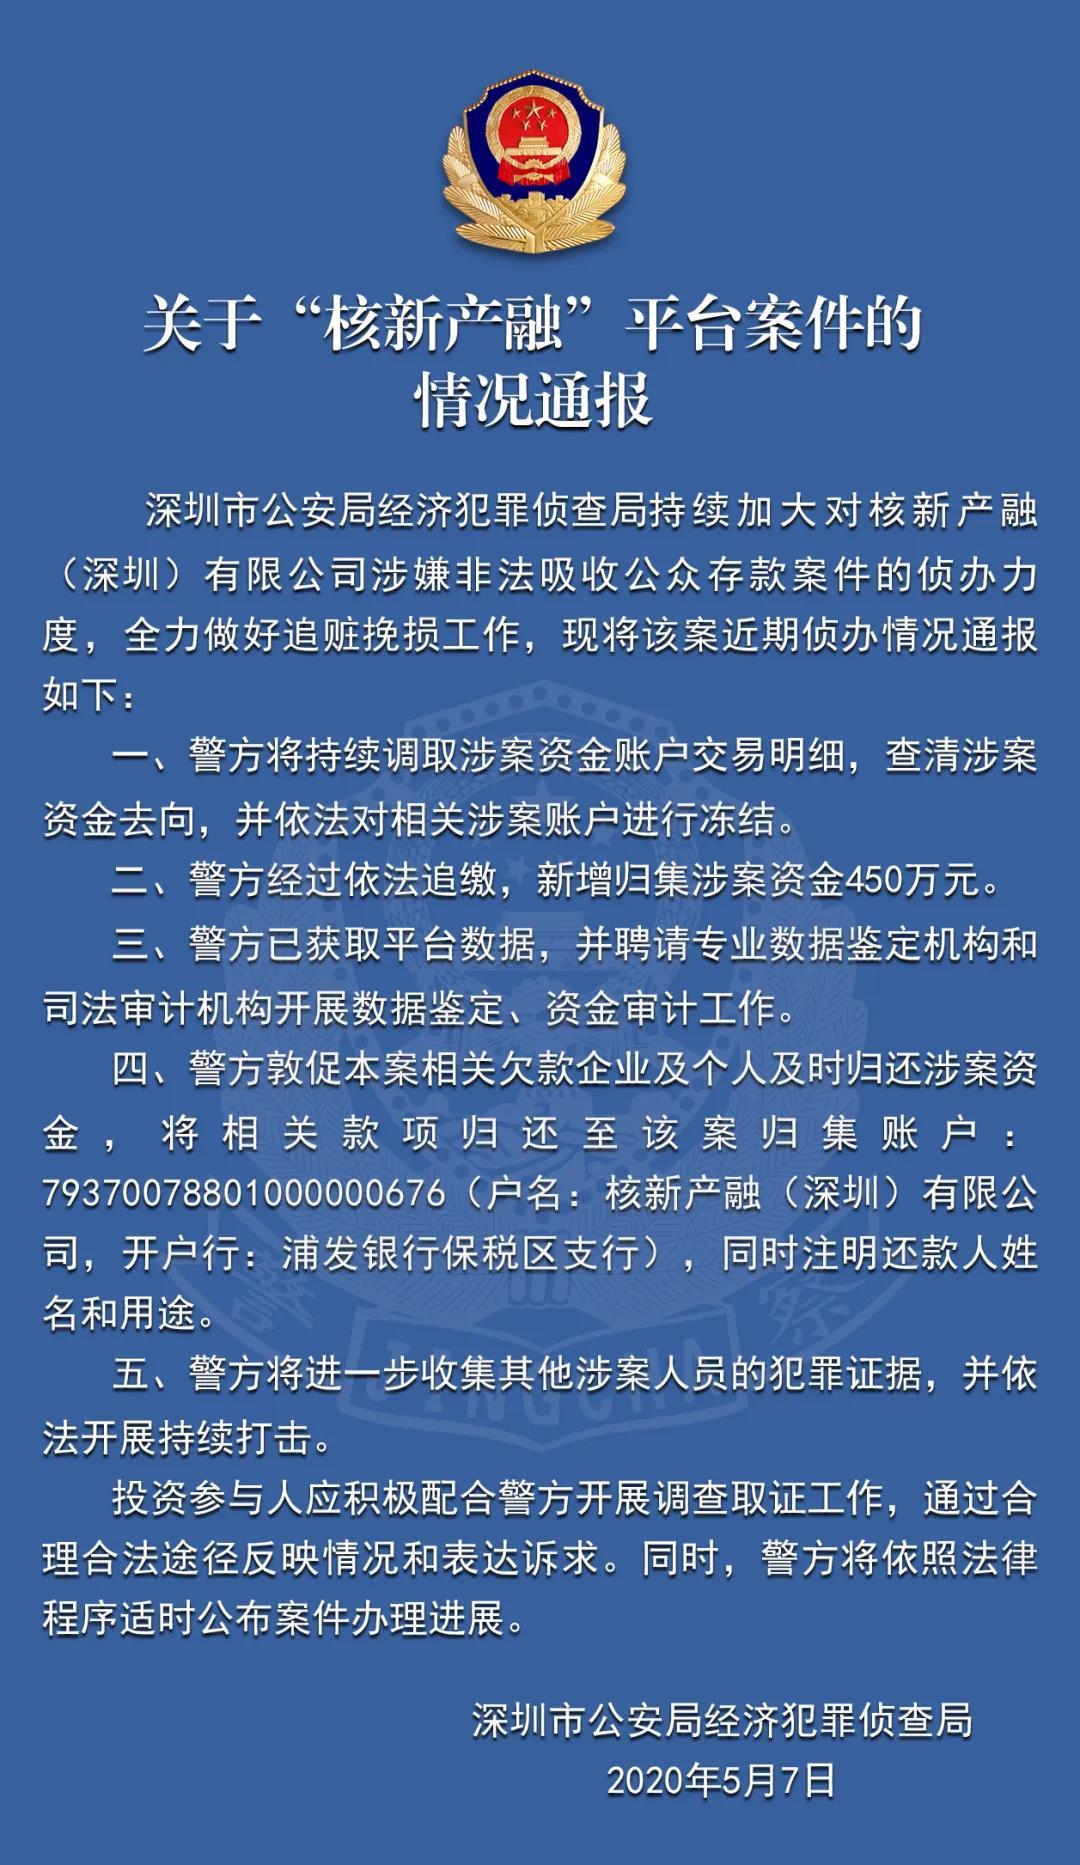 深圳披露一涉案P2P核新产融进展:新增归集资金450万